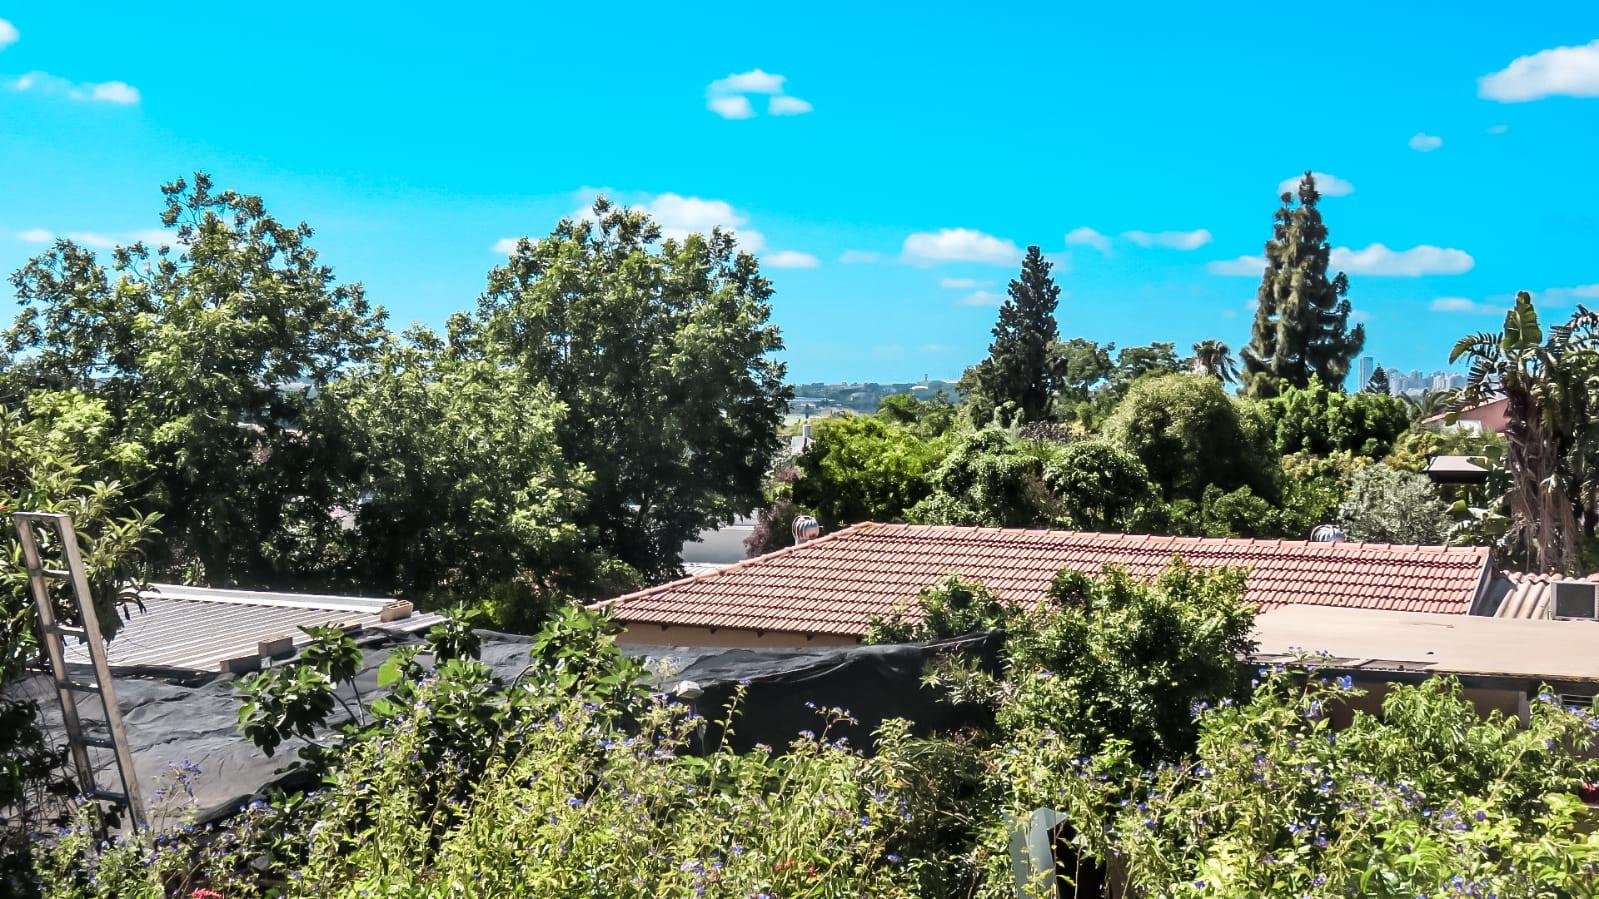 בית למכירה בחרוצים- הנוף מהמרפסת